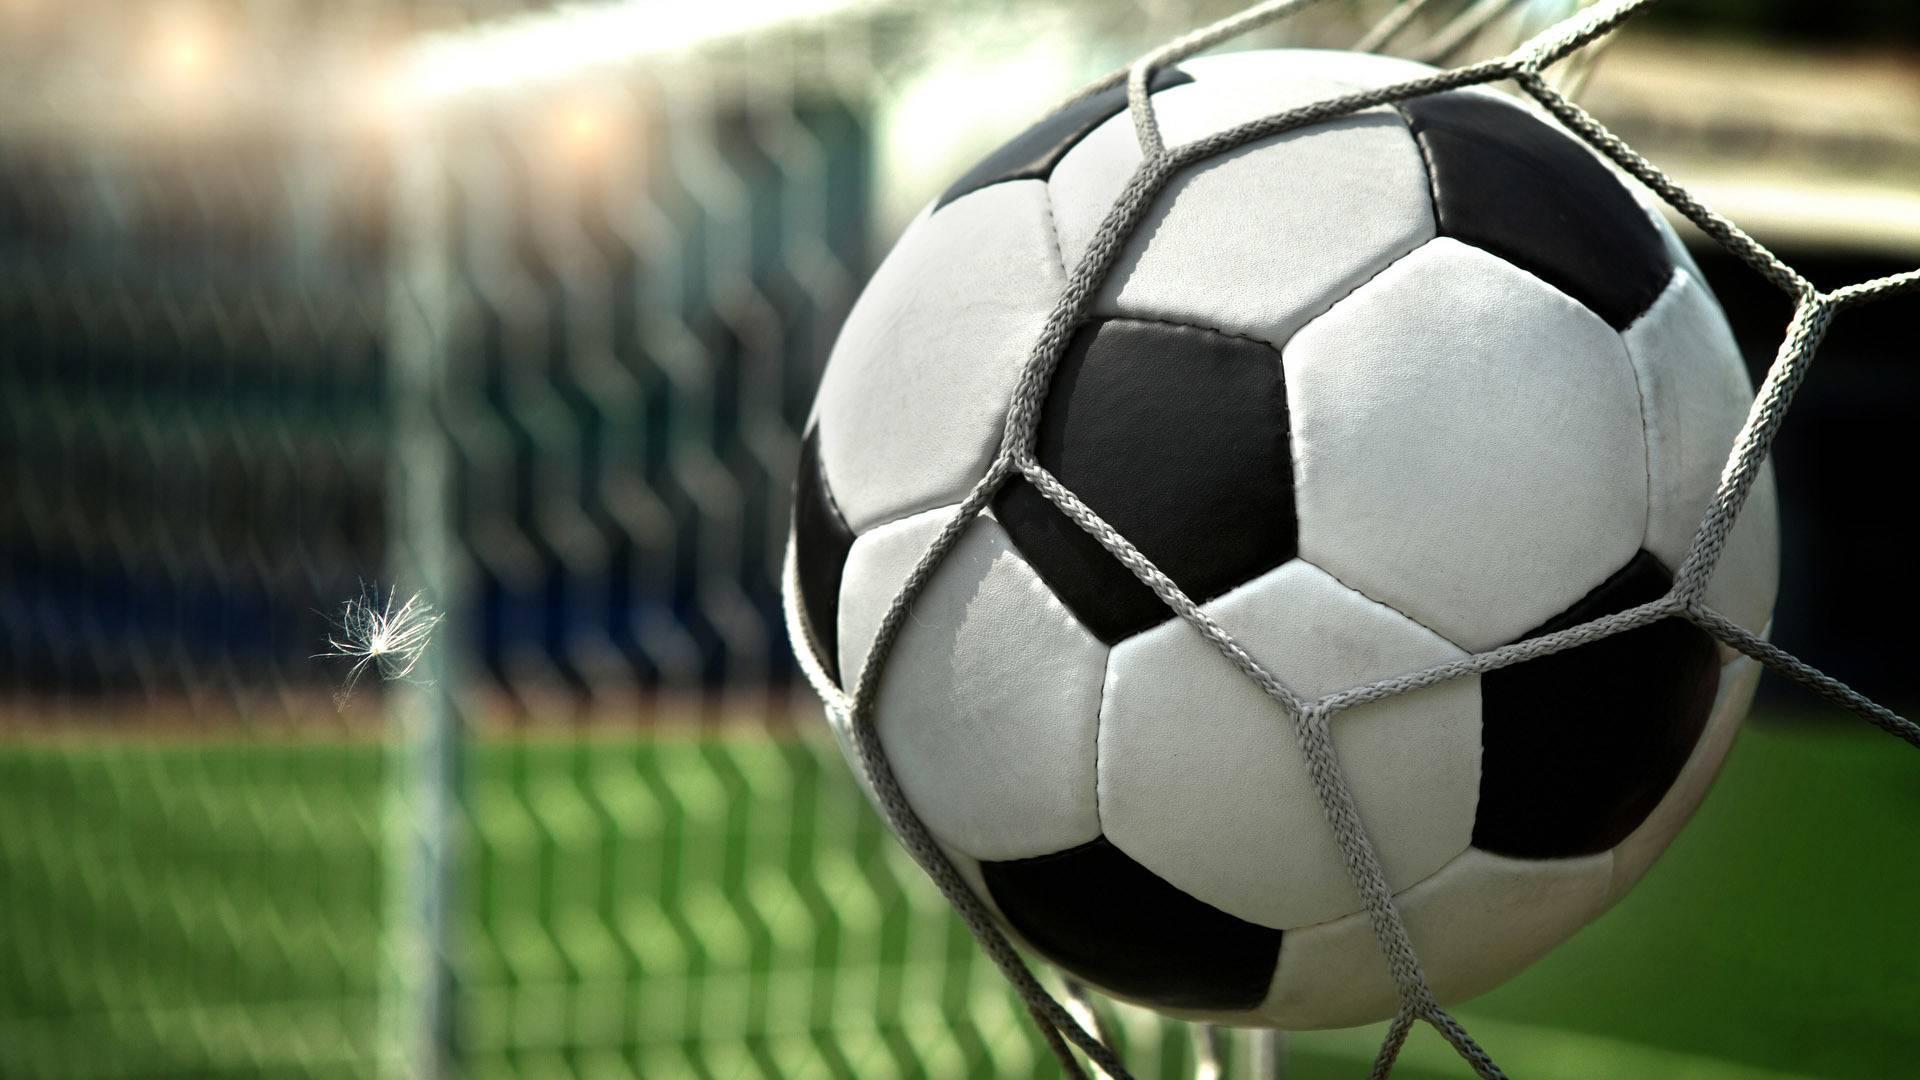 обои ворота, футбольный мяч, сетка, гол картинки фото